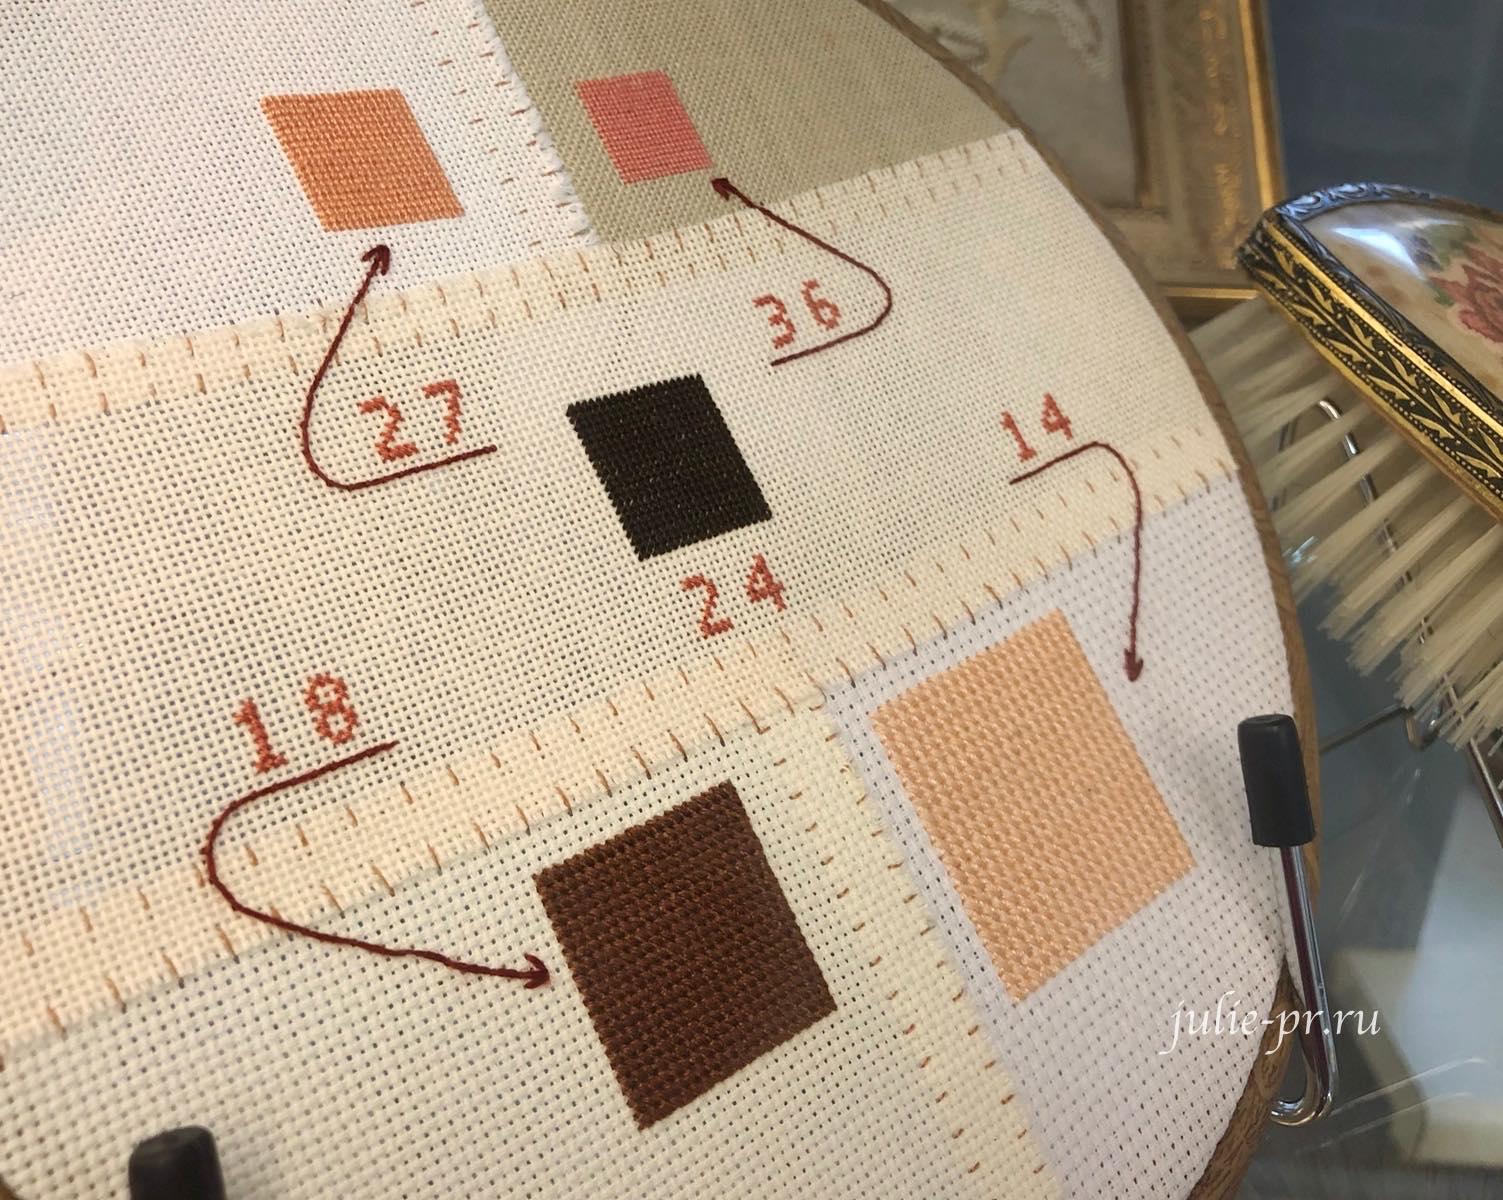 Сравнение вышивки на канве разного каунта, вышивка крестом